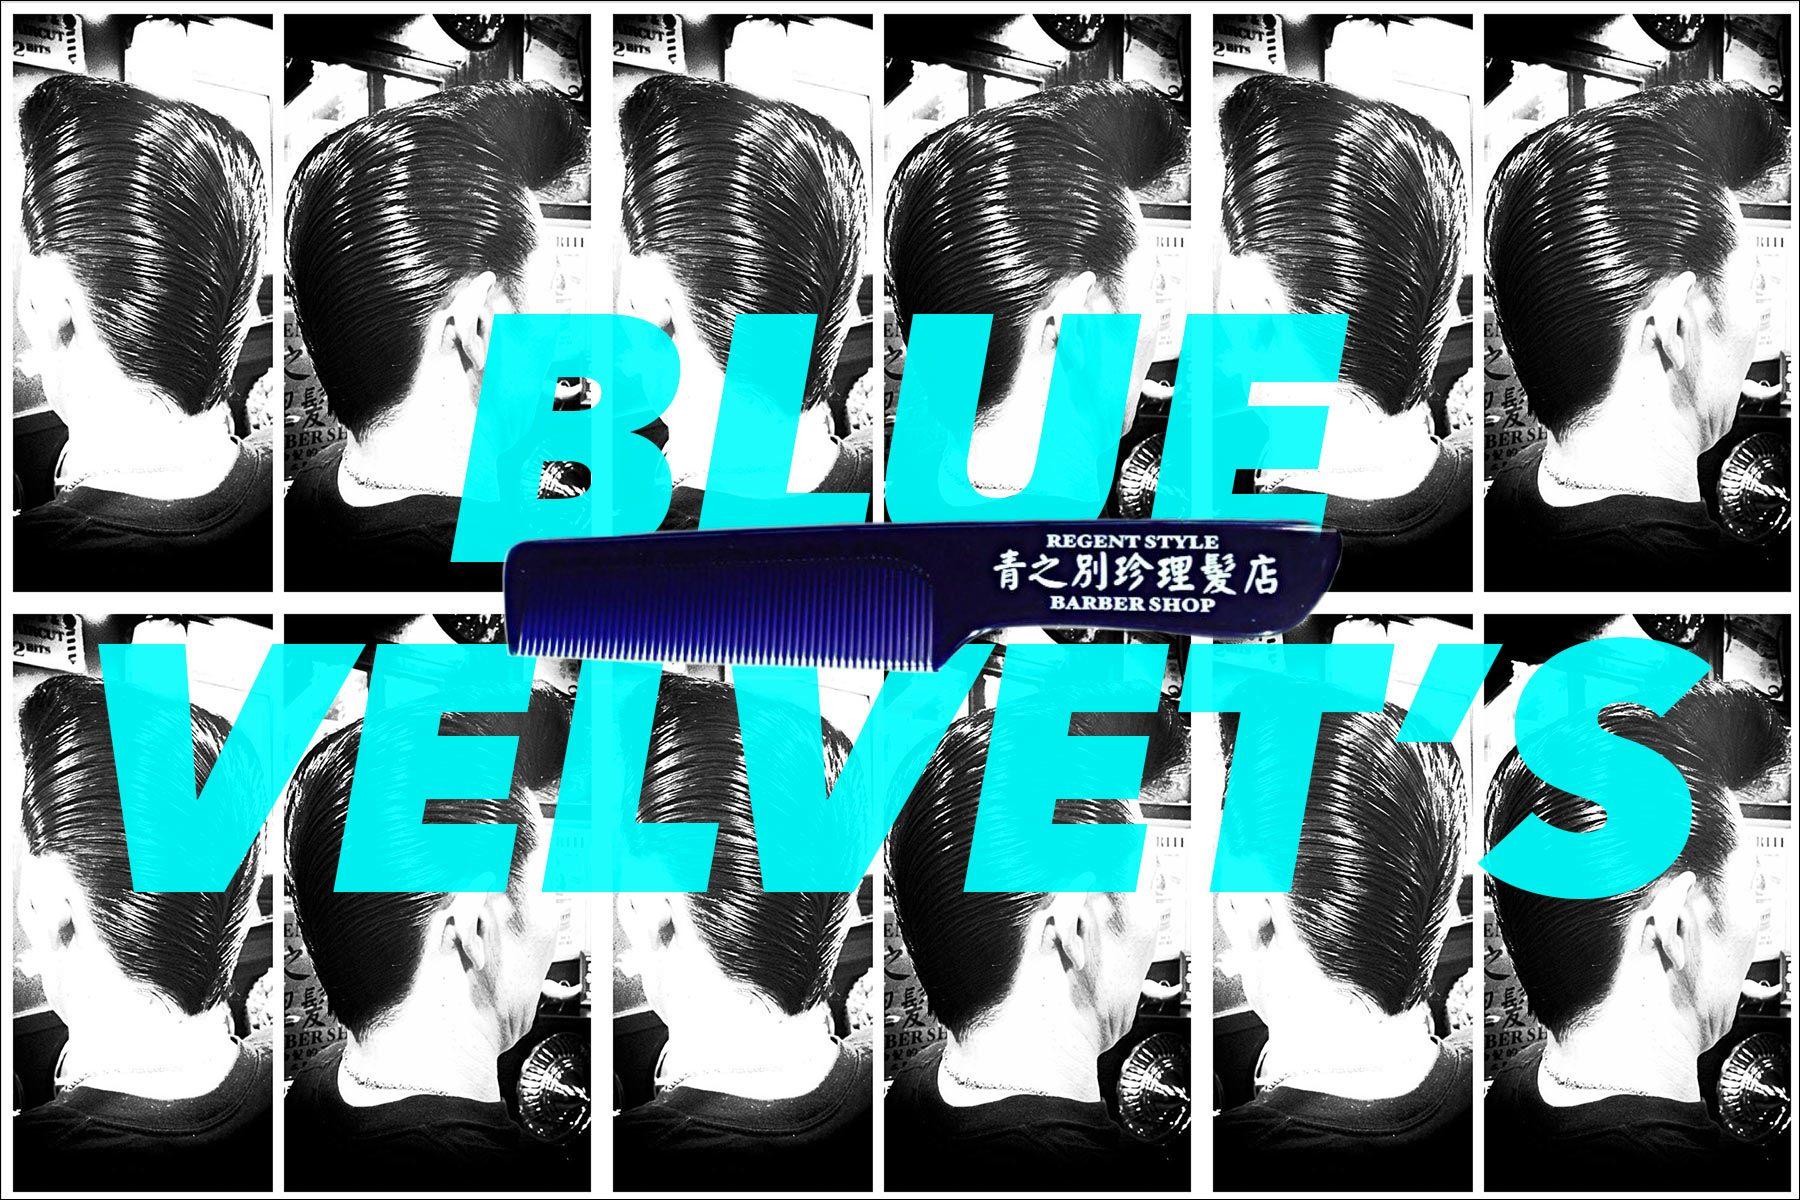 Blue Velvets 1950s style barber shop by Hideki Kakinouchi. Ponyboy magazine NY.